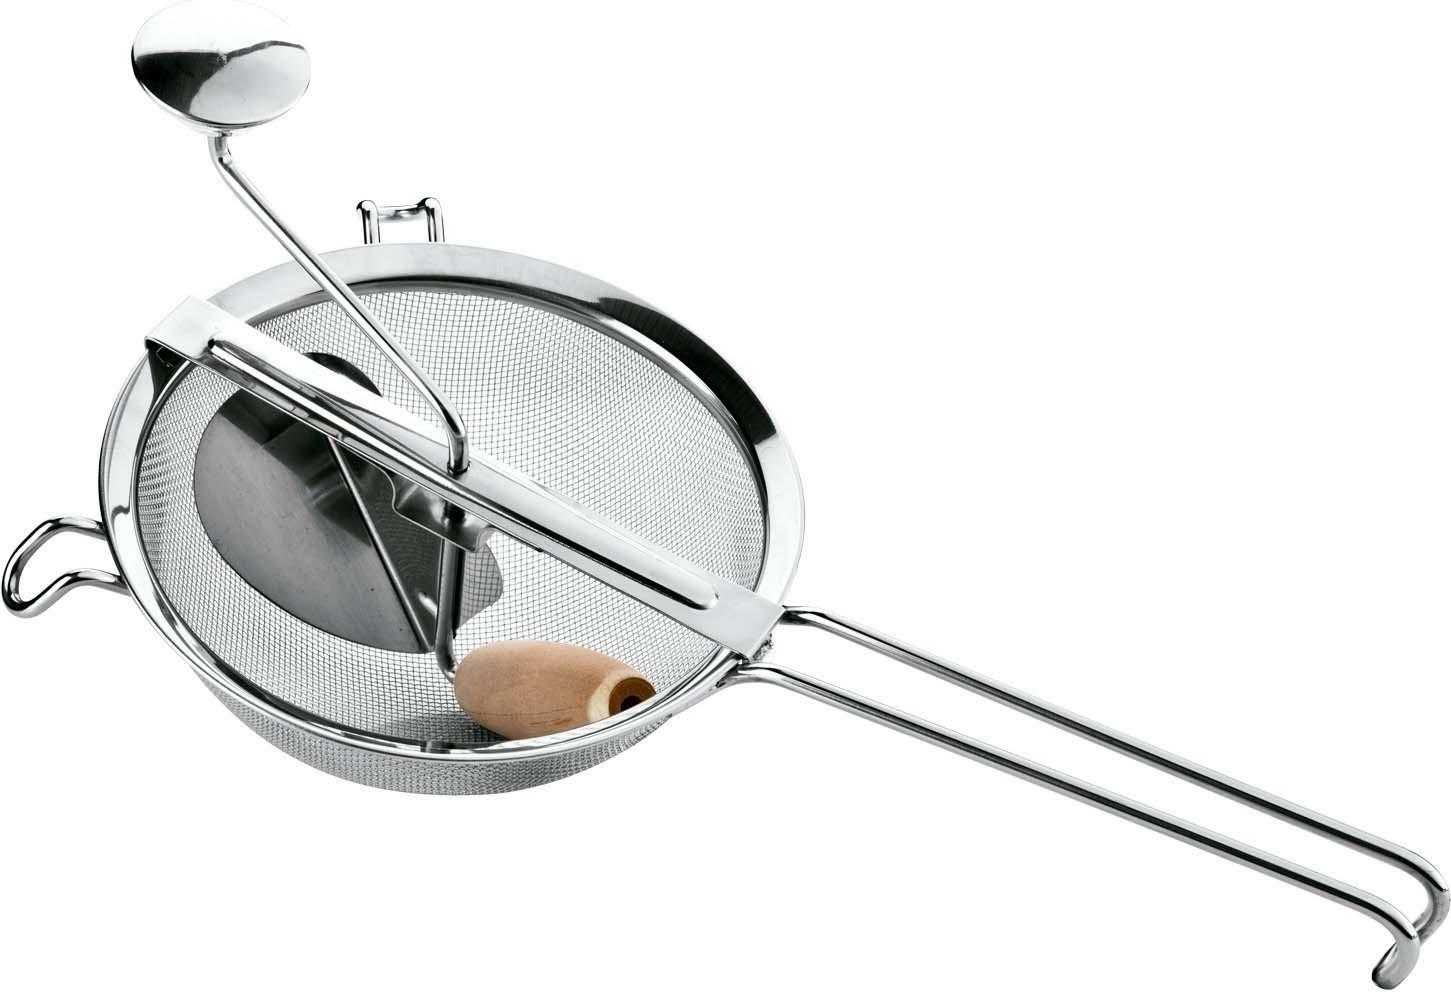 Отлично подходит для легкого и быстрого приготовления пюре из вареных овощей и соусов, фруктовых пюре и т.д. Изготовлено из высококачественной нержавеющей стали. Можно мыть в посудомоечной машине. Не мойте деревянный ролик в посудомоечной машине.